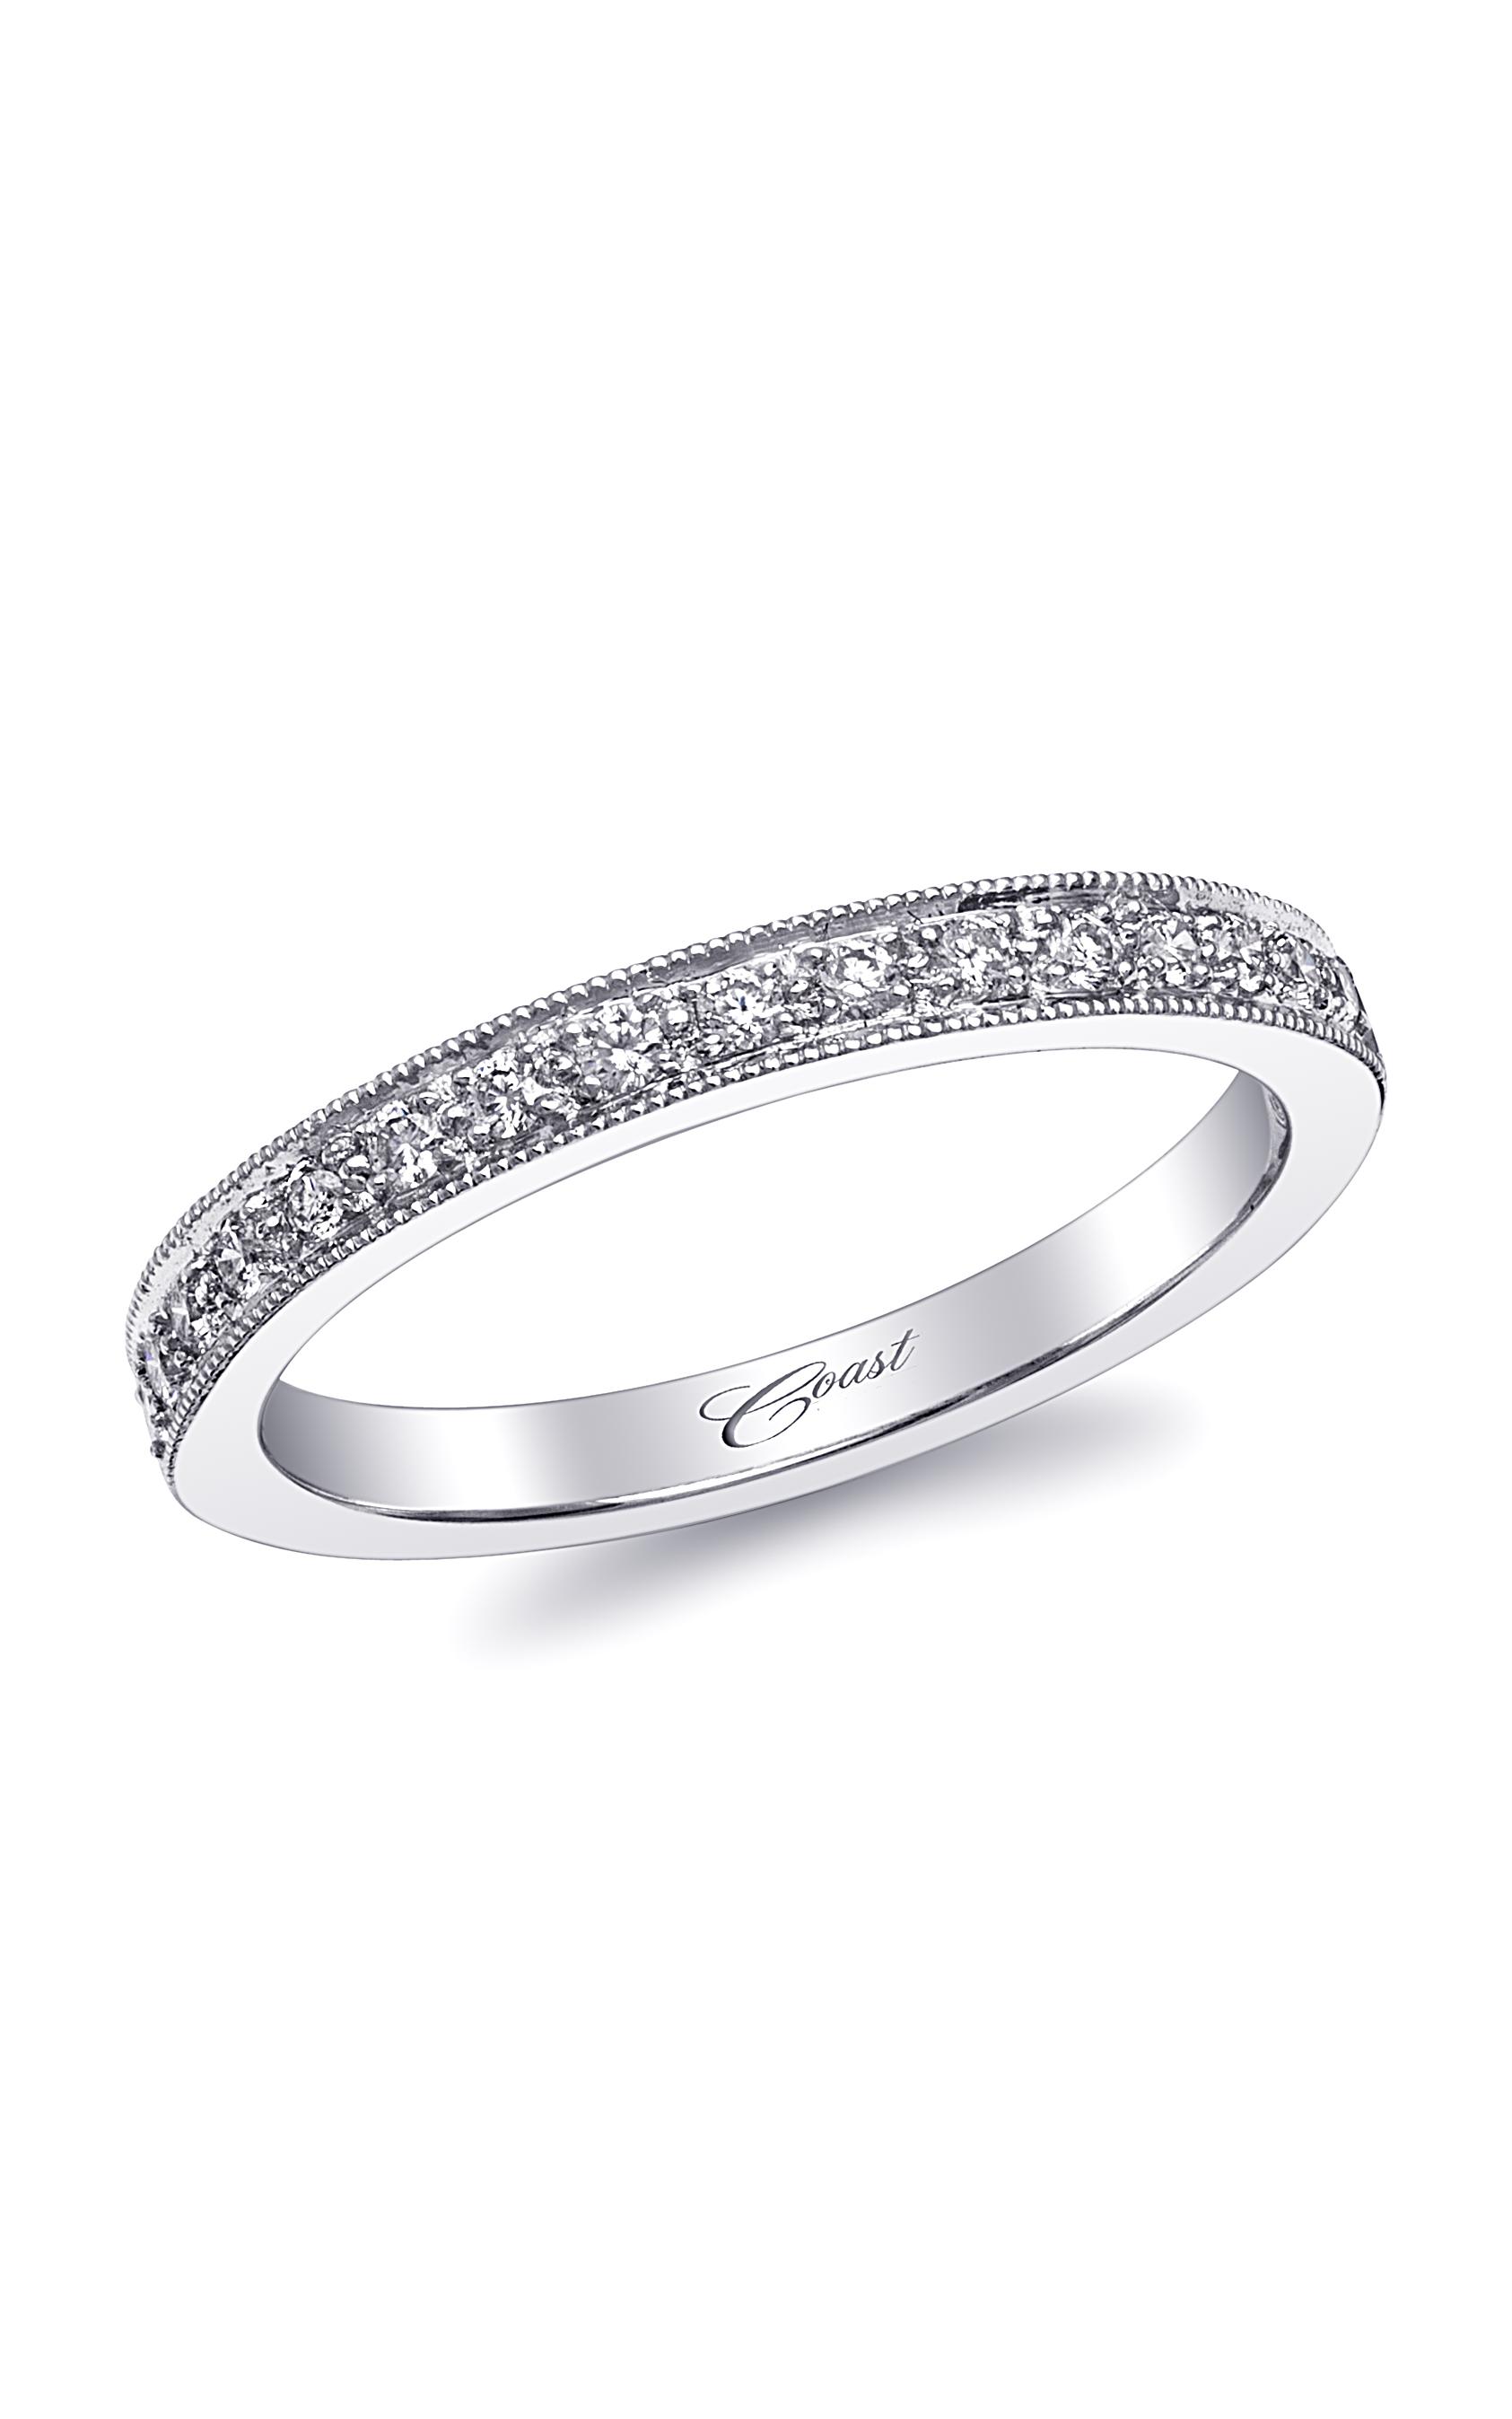 Coast Diamond Wedding Bands WC0888H product image